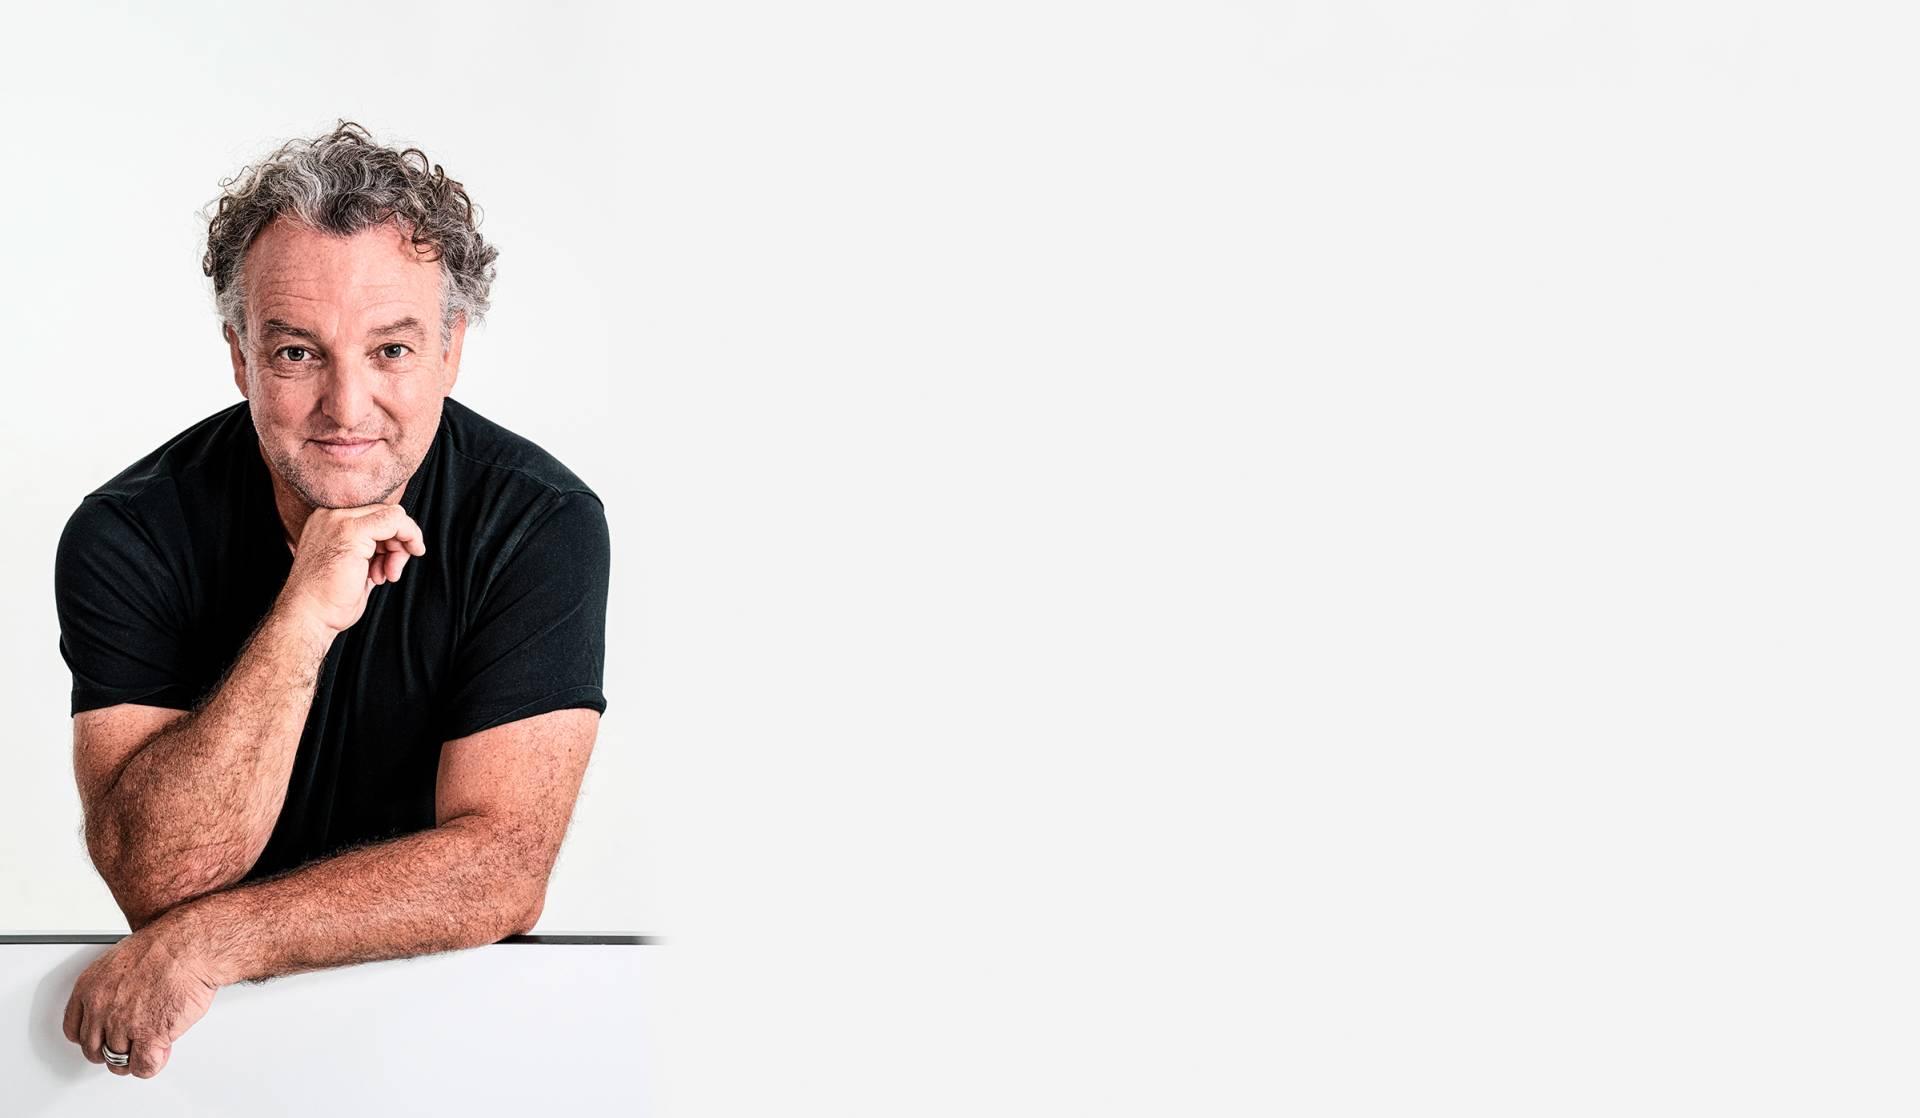 Der Kabarettist und Schauspieler Marco Rima